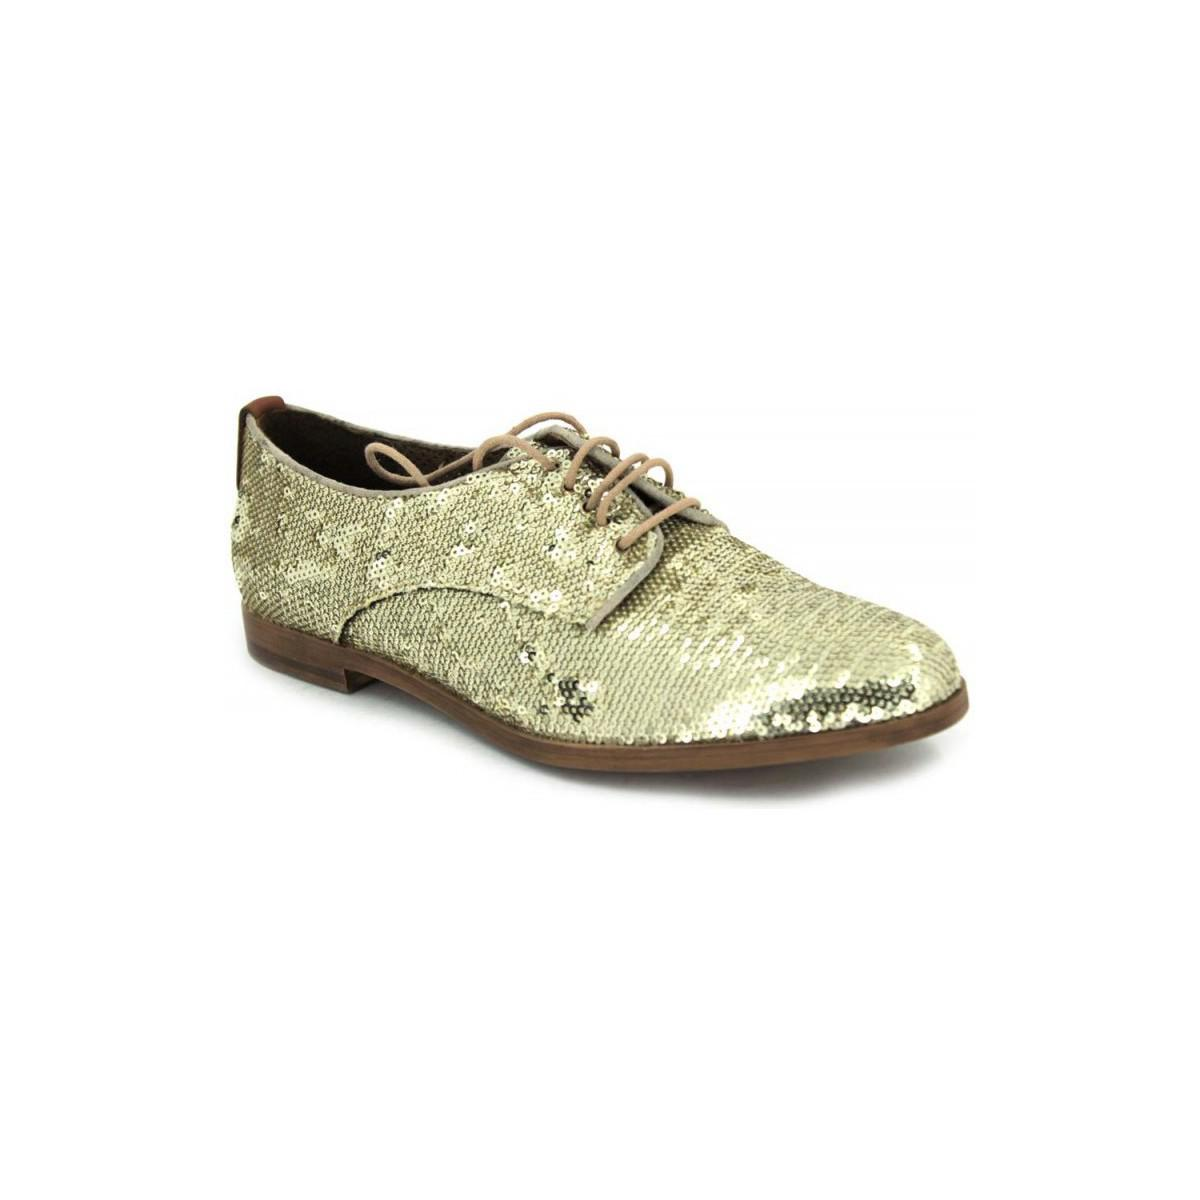 FOOTWEAR - Low-tops & sneakers Elvio Zanon yNfKc1jW